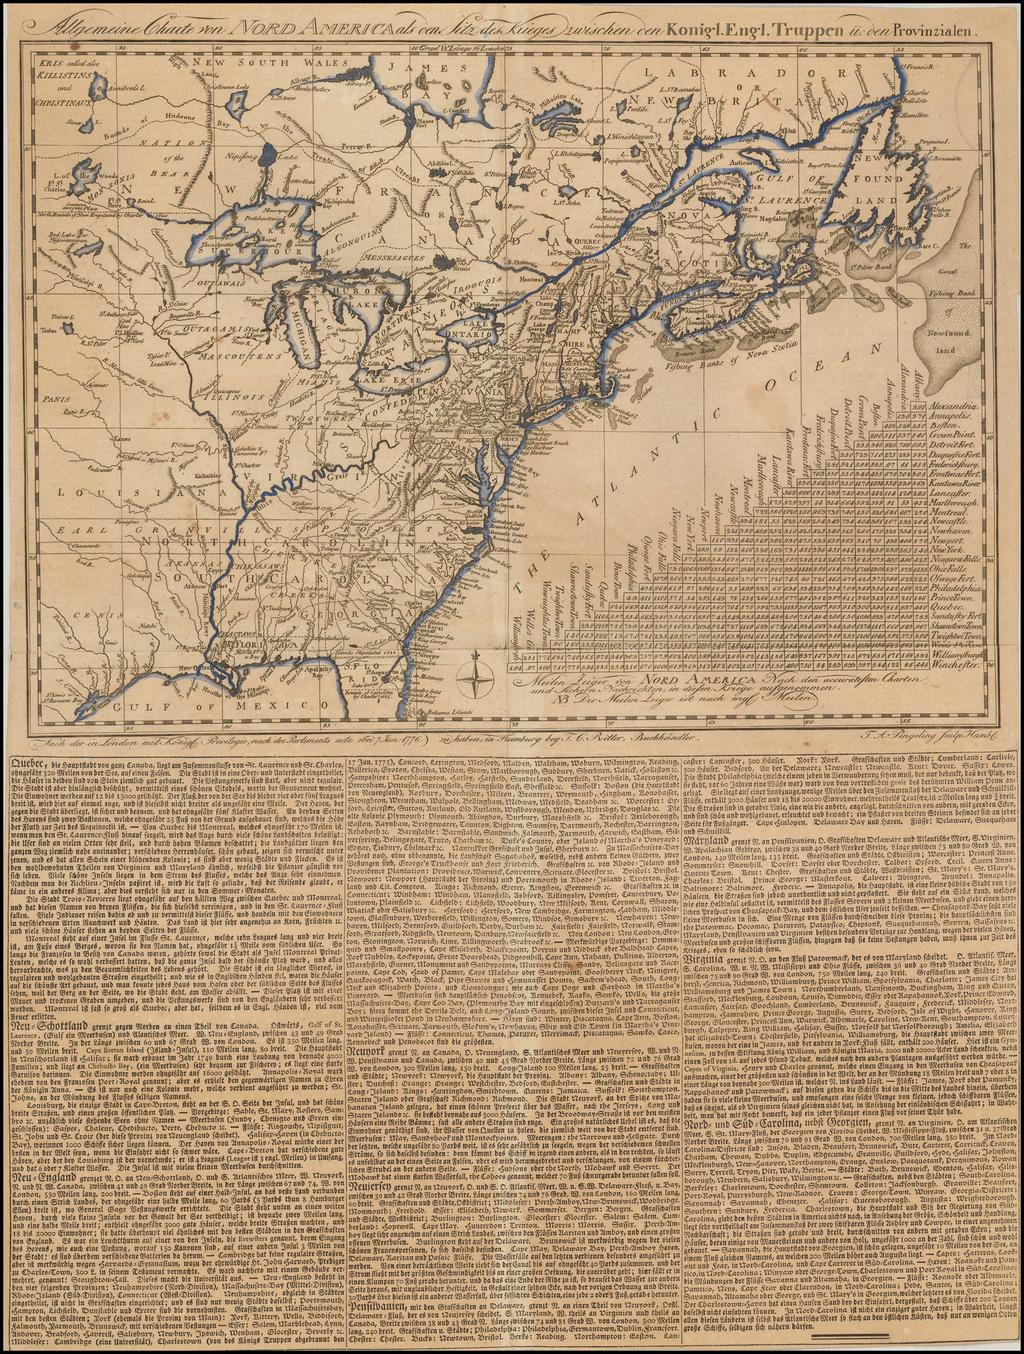 [Revolutionary War Broadside Map] Allgemeine Charte von Nord America als den Sitz des Krieges zwischen den Konigl. Engl. Truppen u:den Provinzialen  By Thomas Albrecht Pingeling / T.C. Ritter